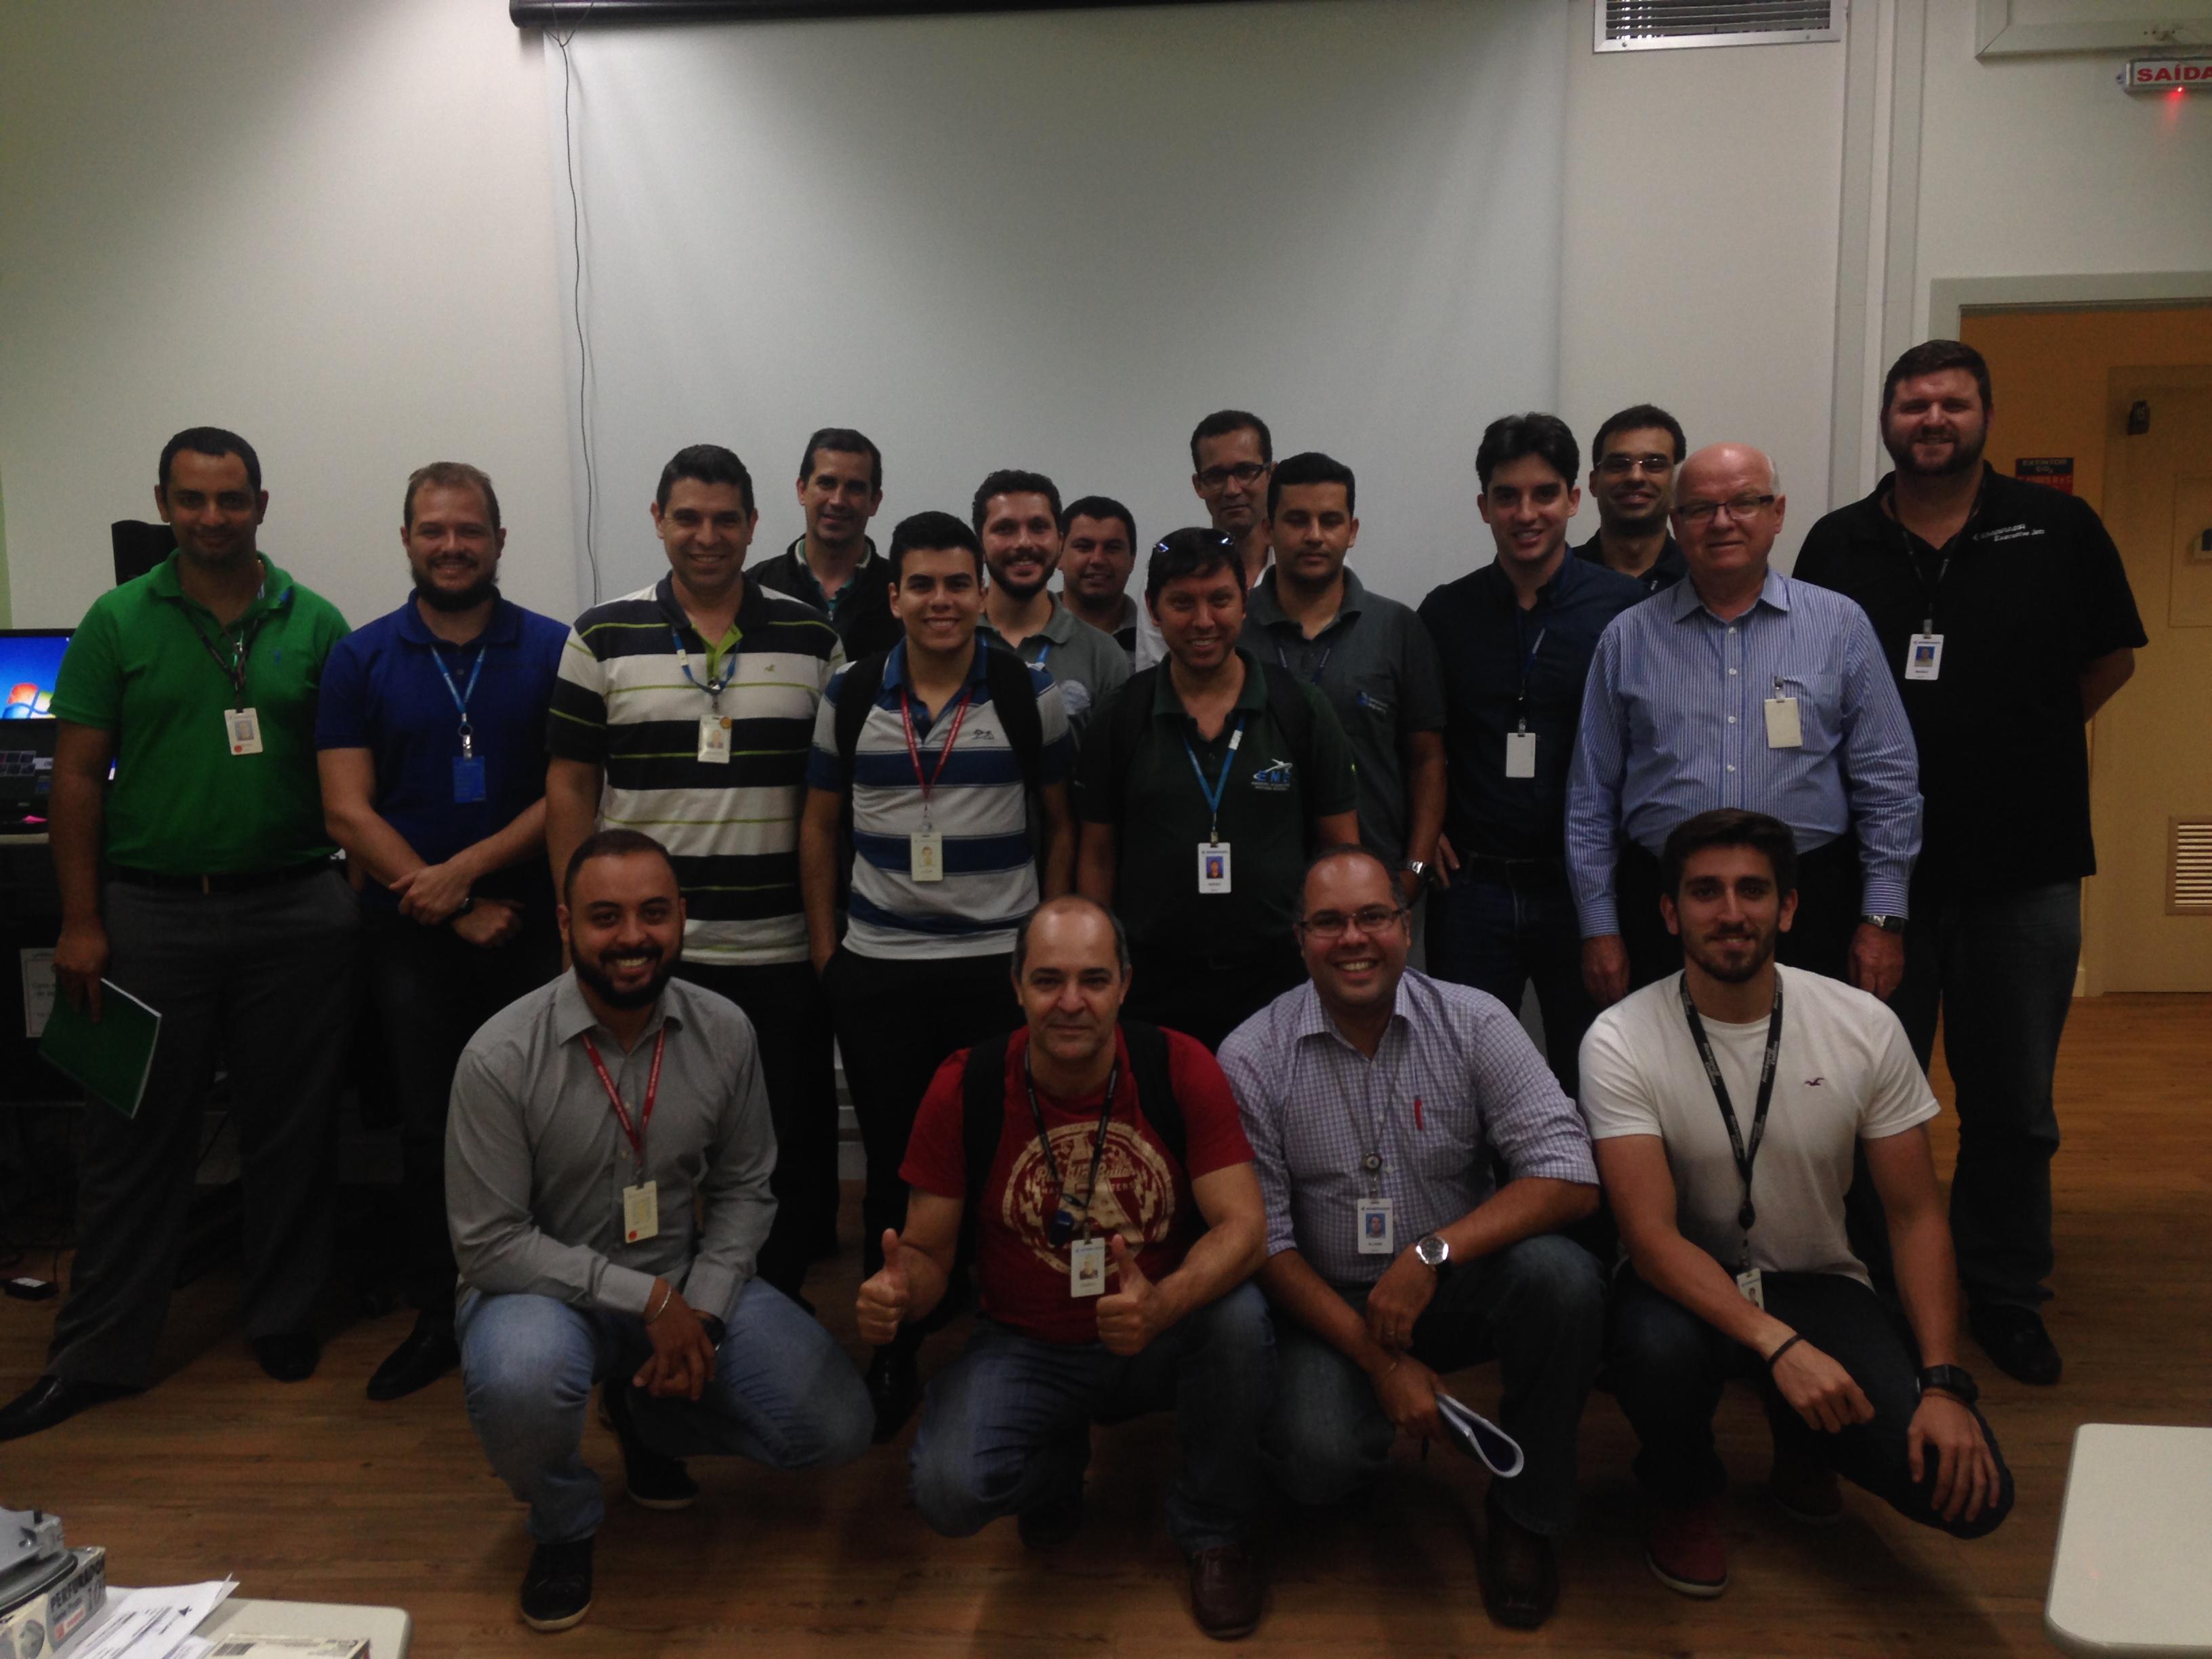 Equipe da Embraer de São José dos Campos no curso de Engenharia e Análise do Valor. 20/03/17